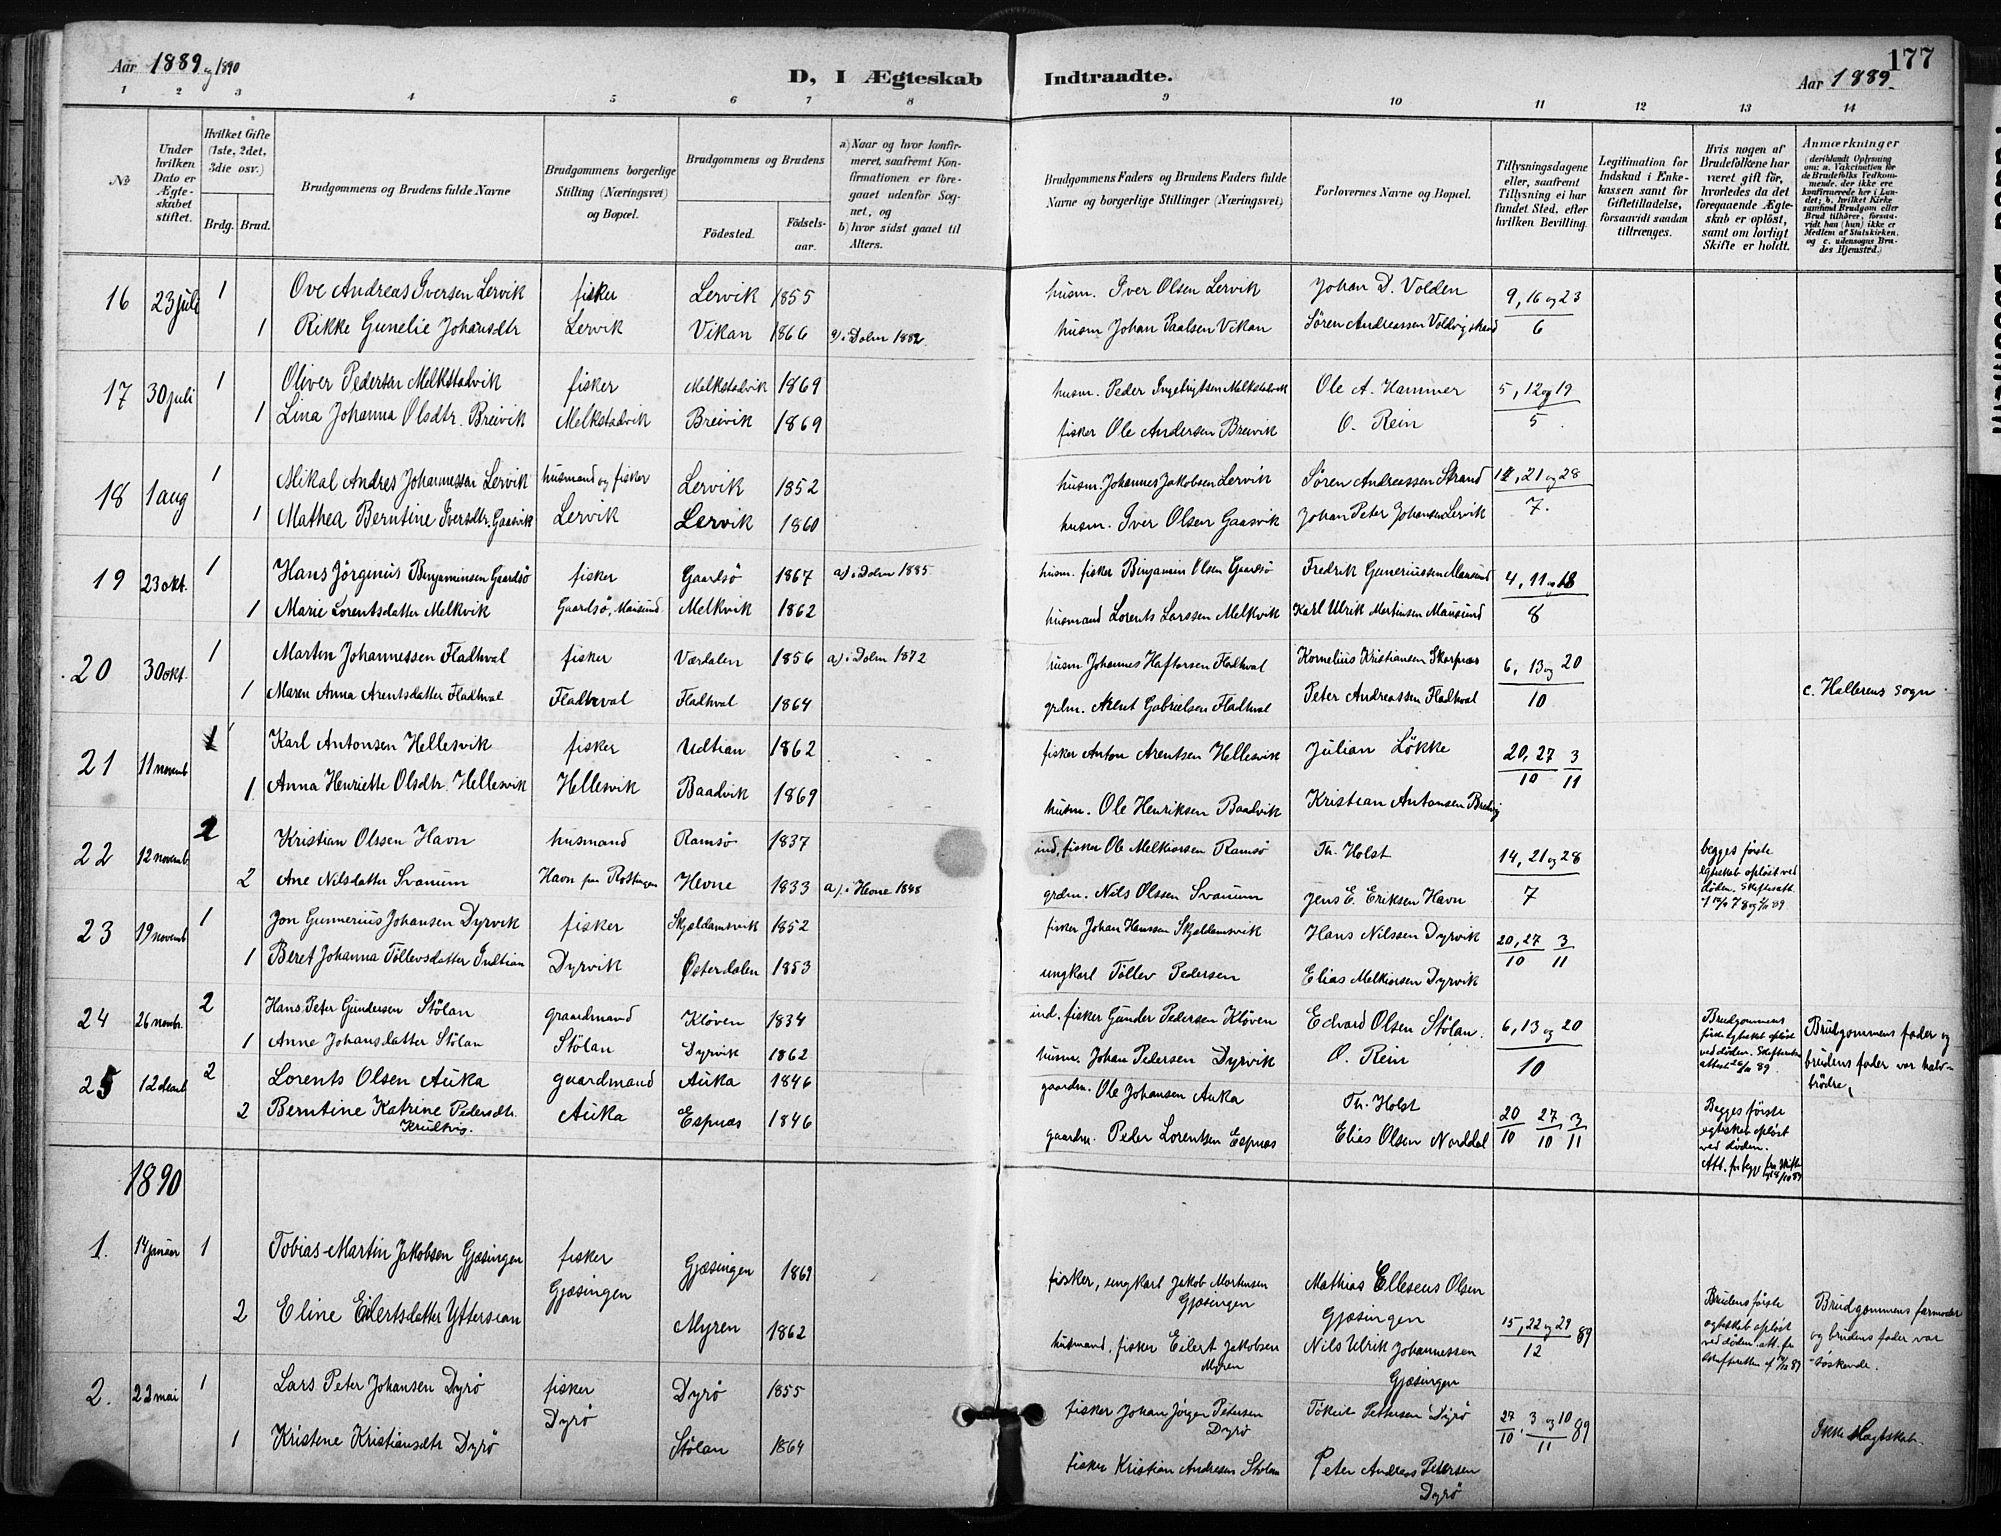 SAT, Ministerialprotokoller, klokkerbøker og fødselsregistre - Sør-Trøndelag, 640/L0579: Ministerialbok nr. 640A04, 1889-1902, s. 177